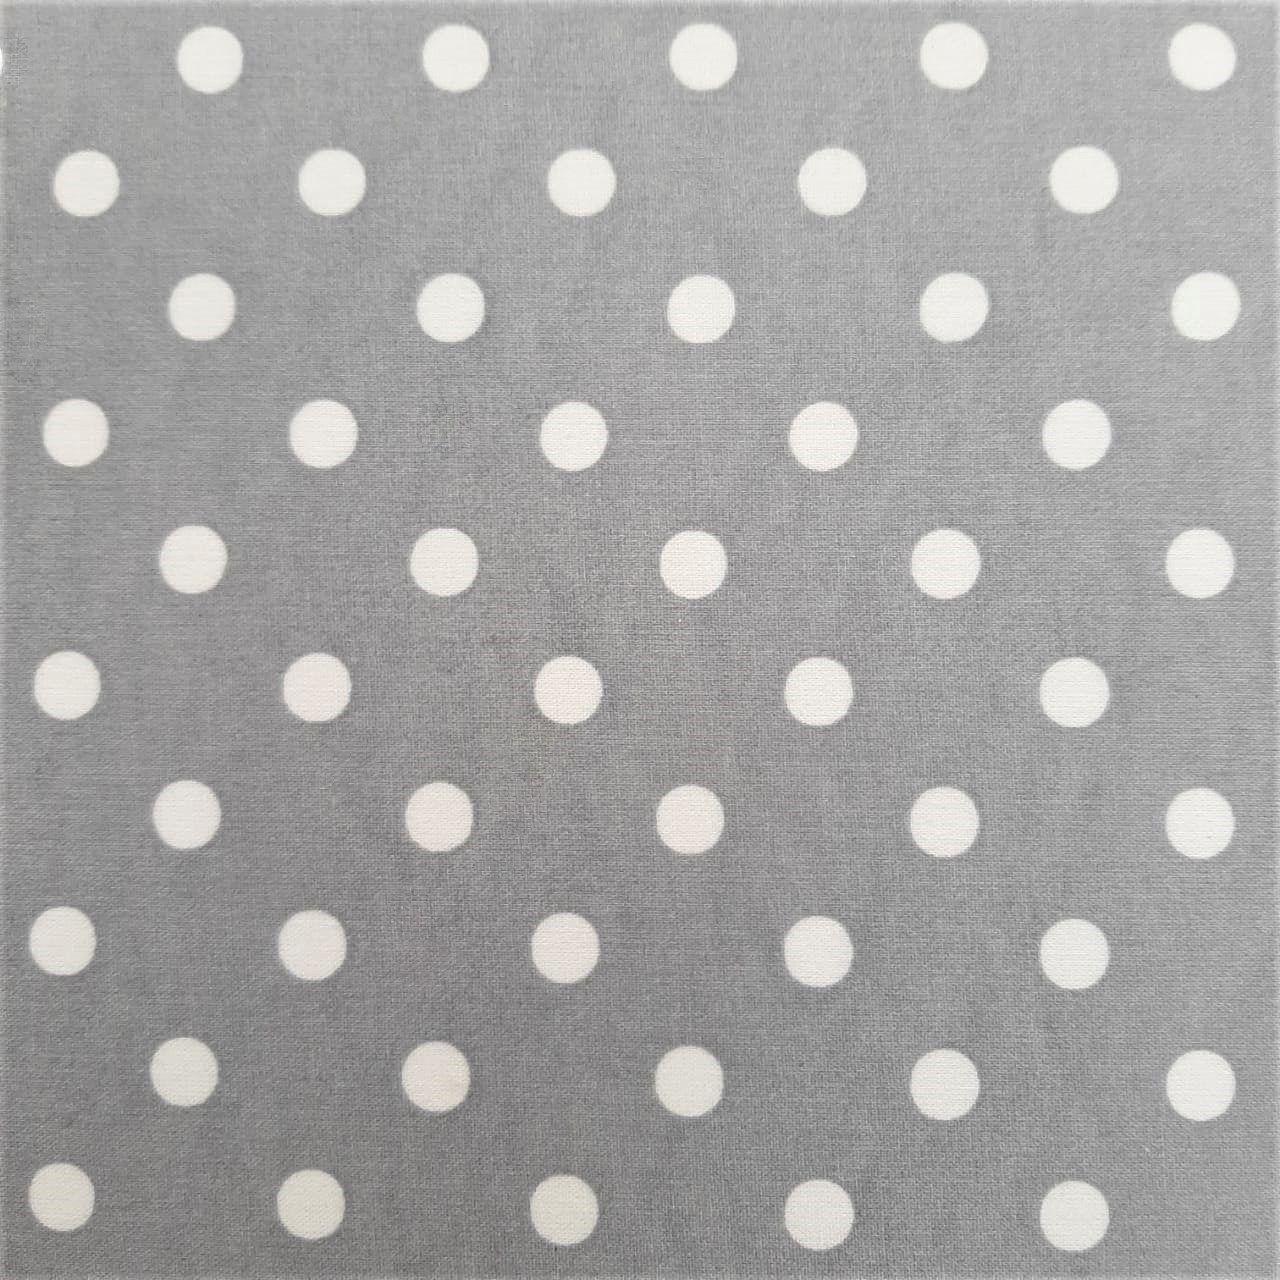 Folha de Eva Com Tecido Cinza com Bolas Brancas 40x30 cm